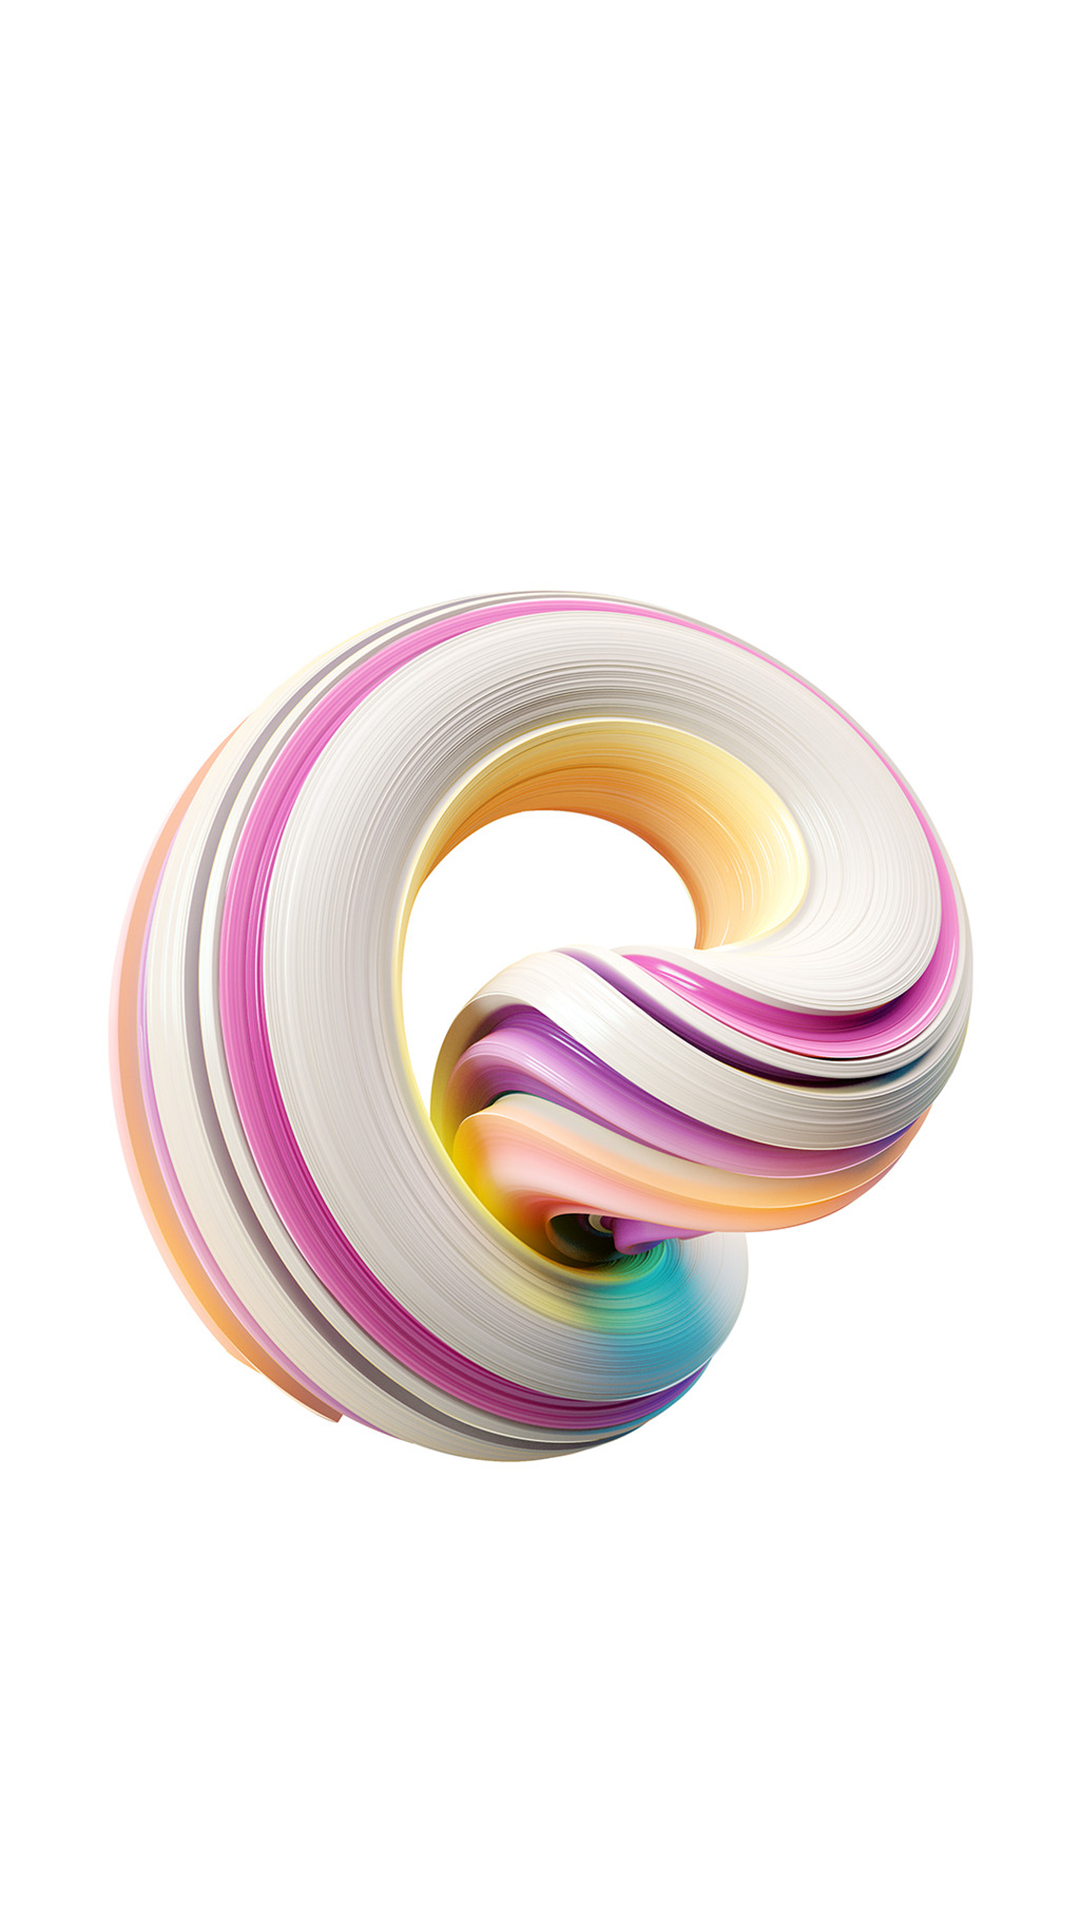 Стандартные обои iPhone 6  6S из iOS9  Новые рингтоны